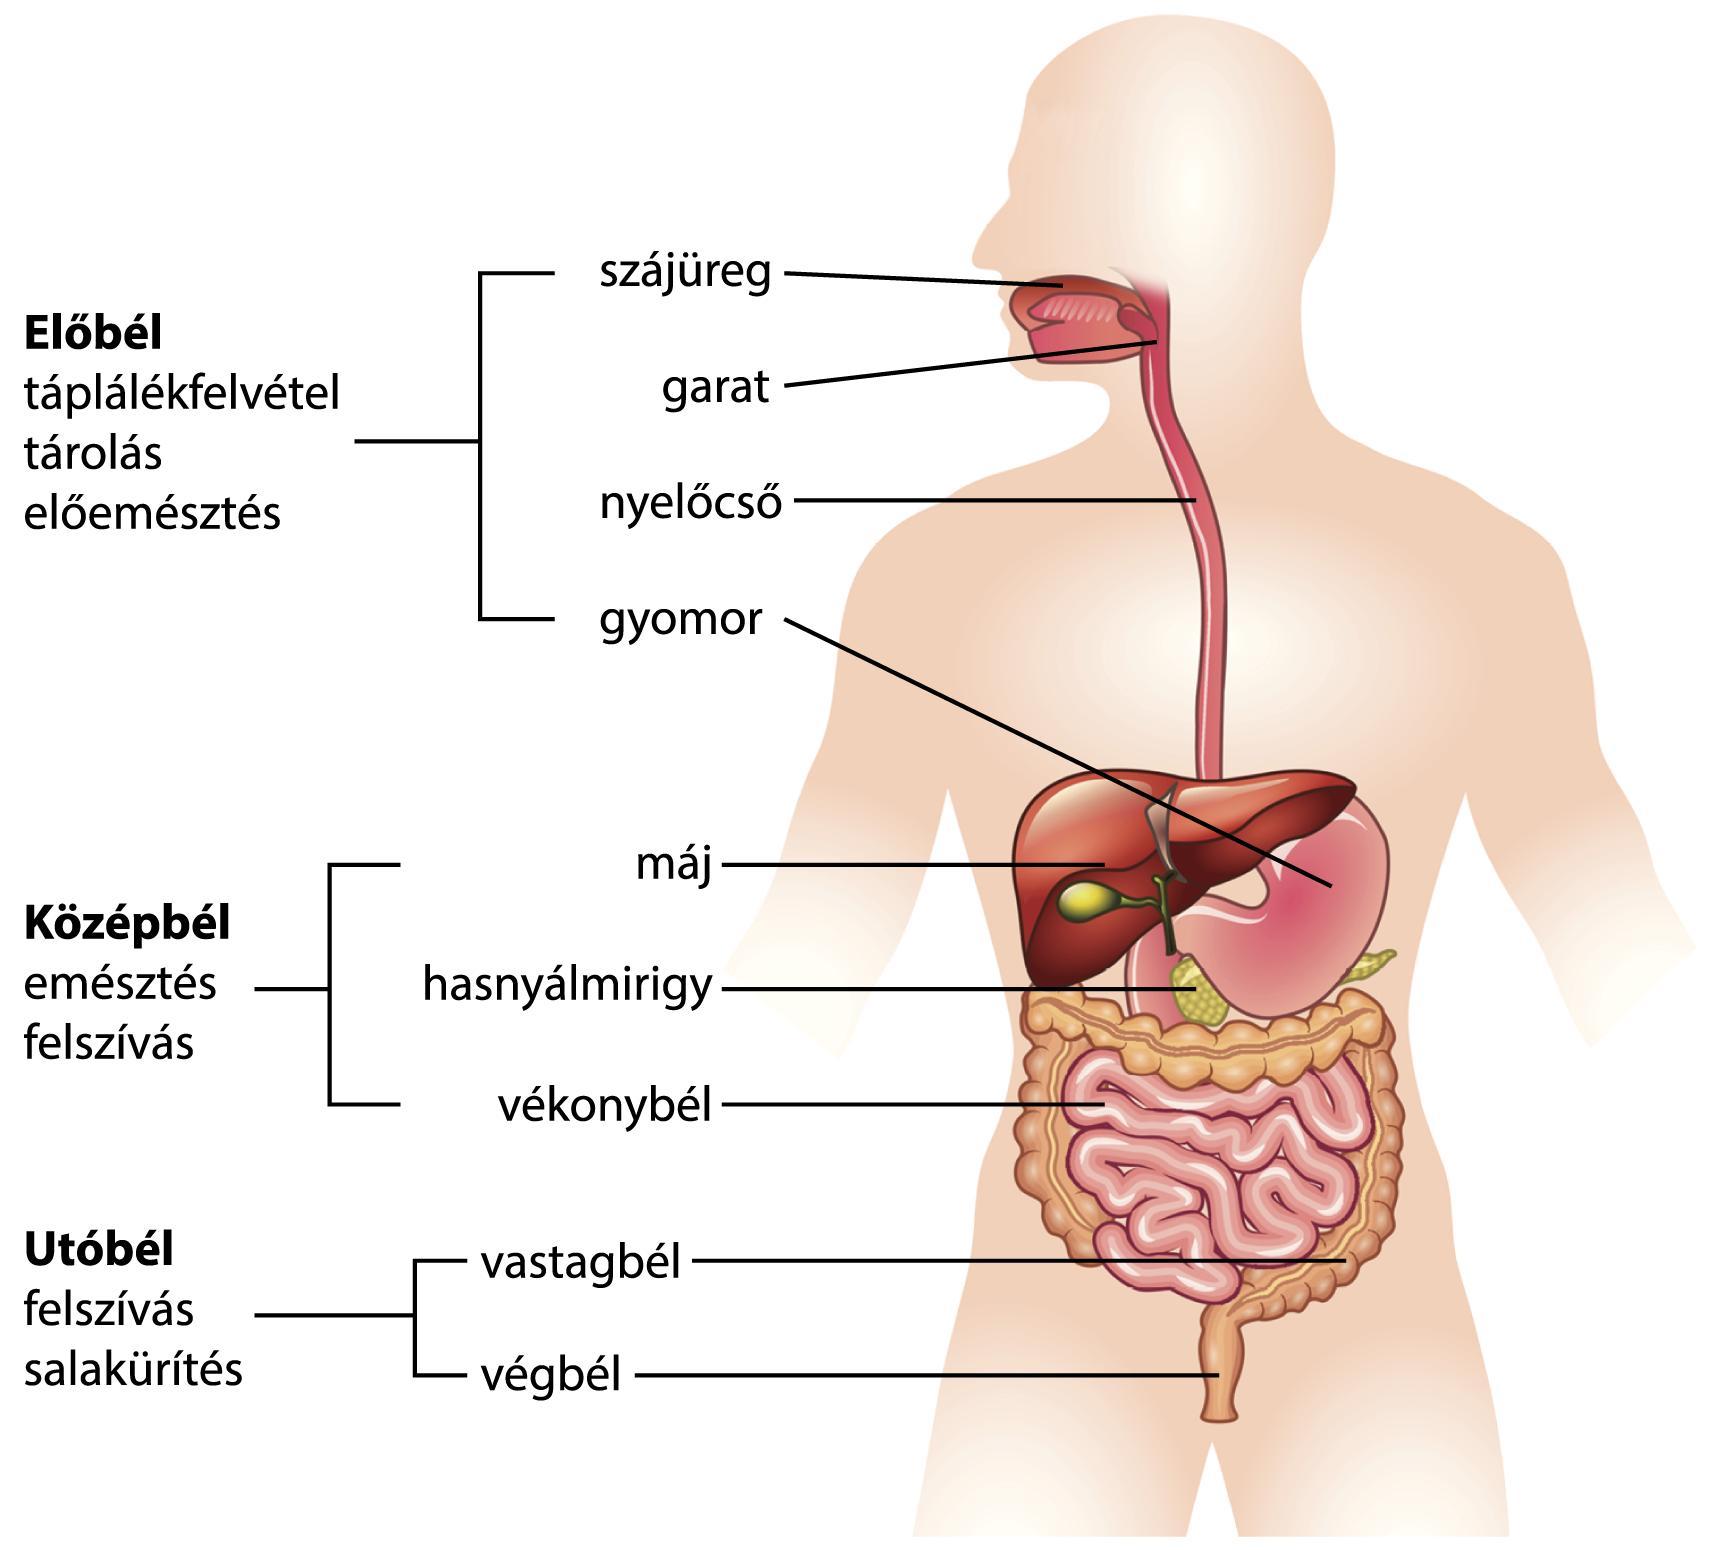 szag a nyelőcső szájából epeúti diszkinézia és rossz lehelet